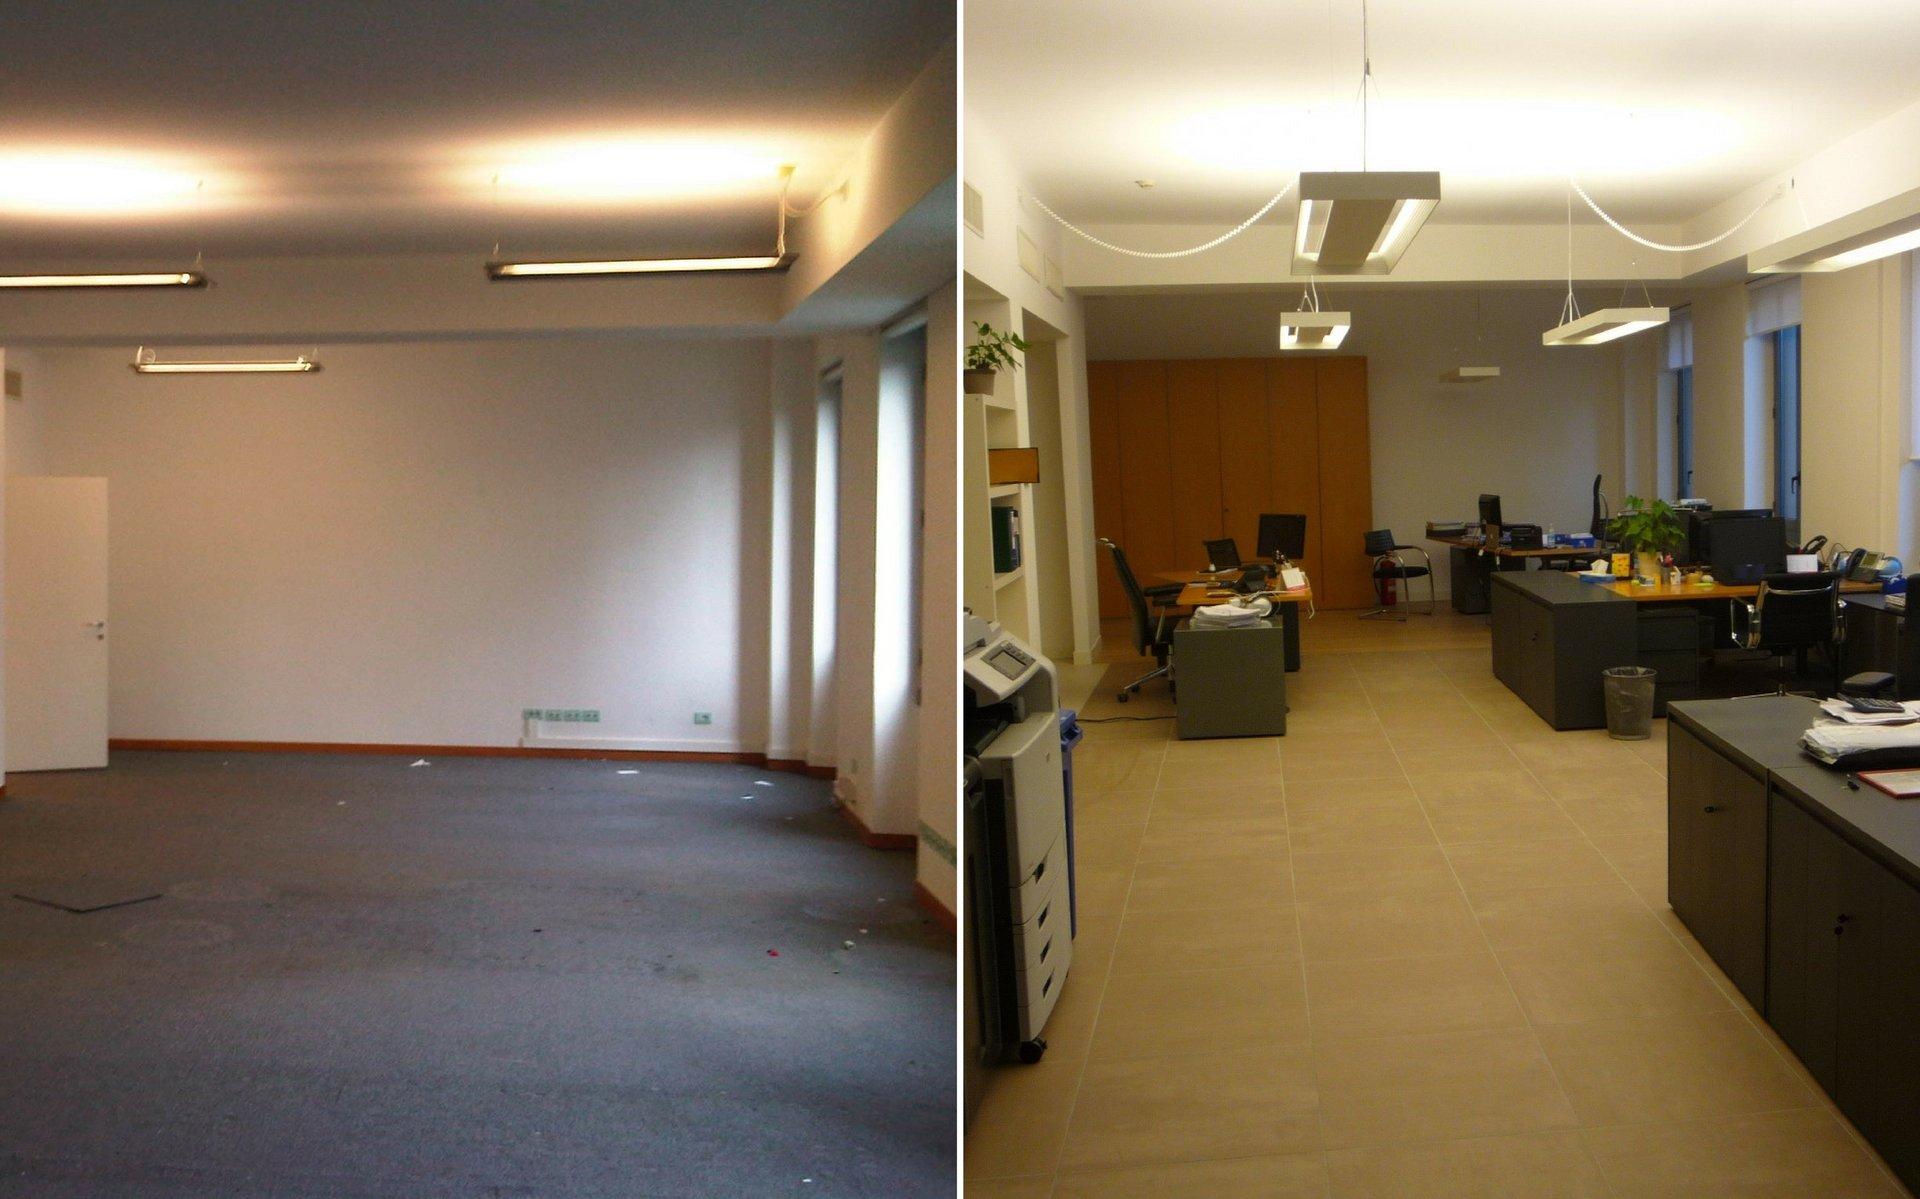 interno di un ufficio ristrutturato, prima vuoto dopo completamente arredato in stile moderno